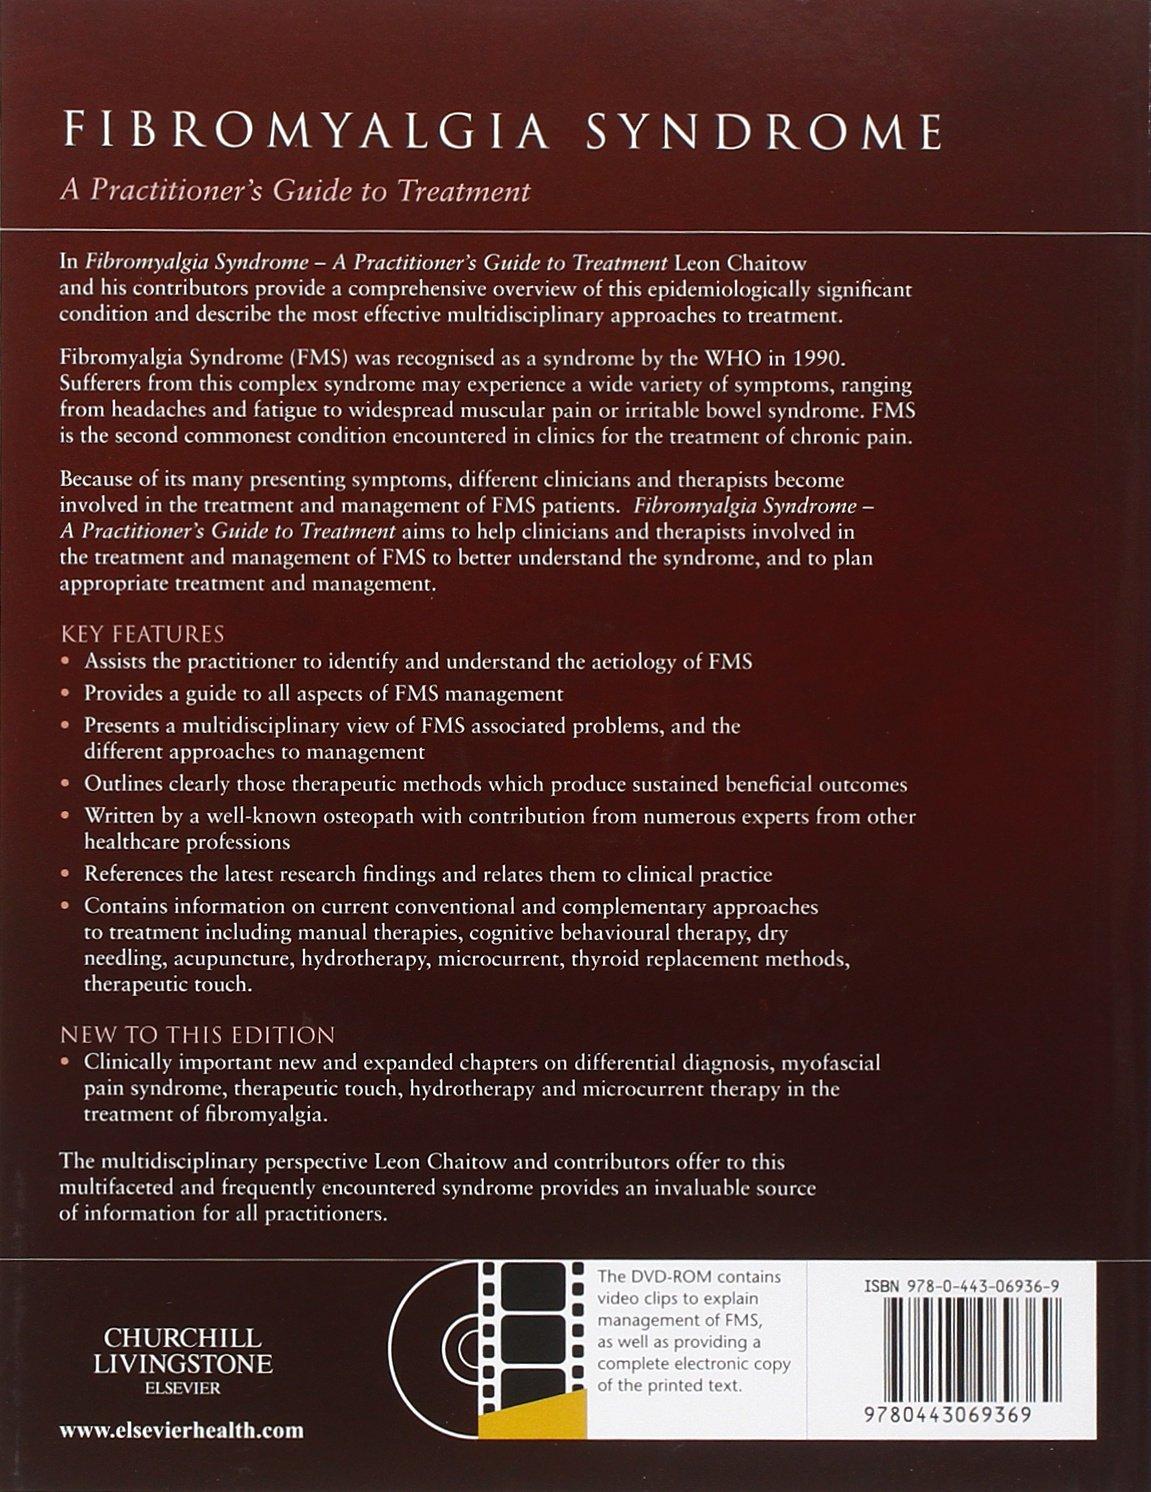 Fibromyalgia Syndrome: A Practitioners Guide to Treatment, 3e: Amazon.es: Chaitow ND DO (UK), Leon: Libros en idiomas extranjeros